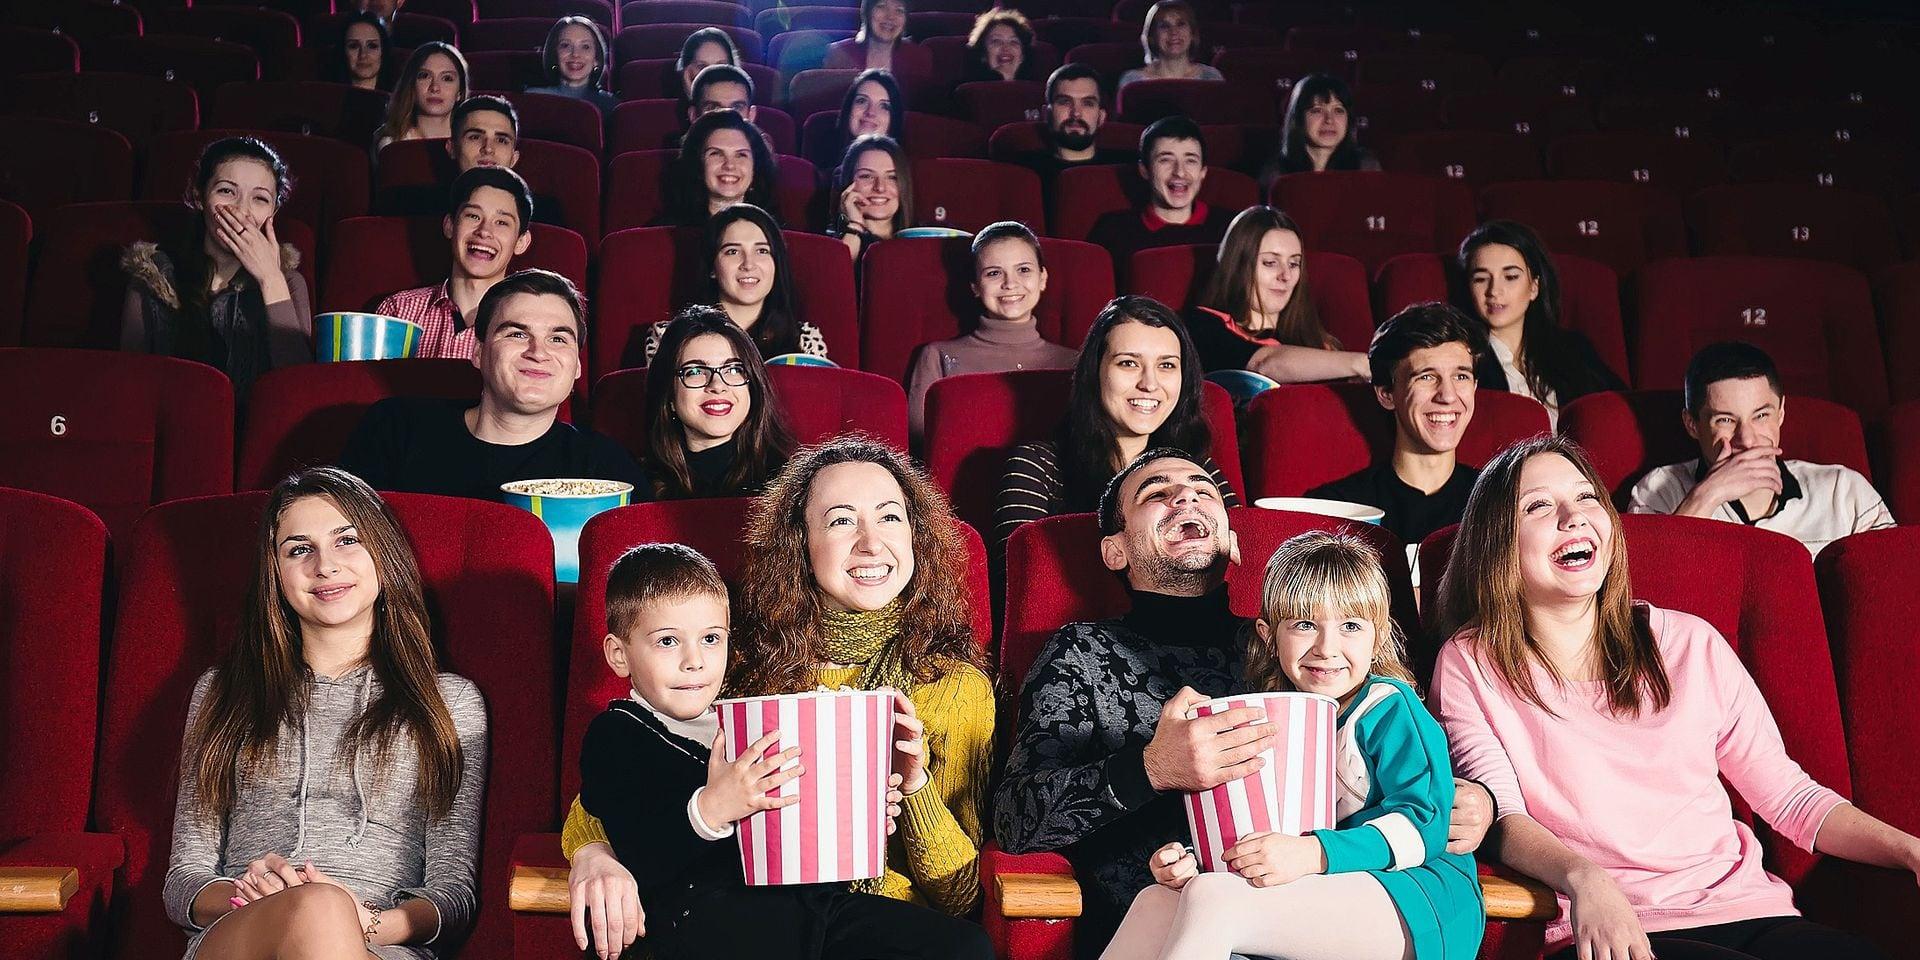 La crise, pour les salles de cinéma ? Au contraire, 2019 est une année record !